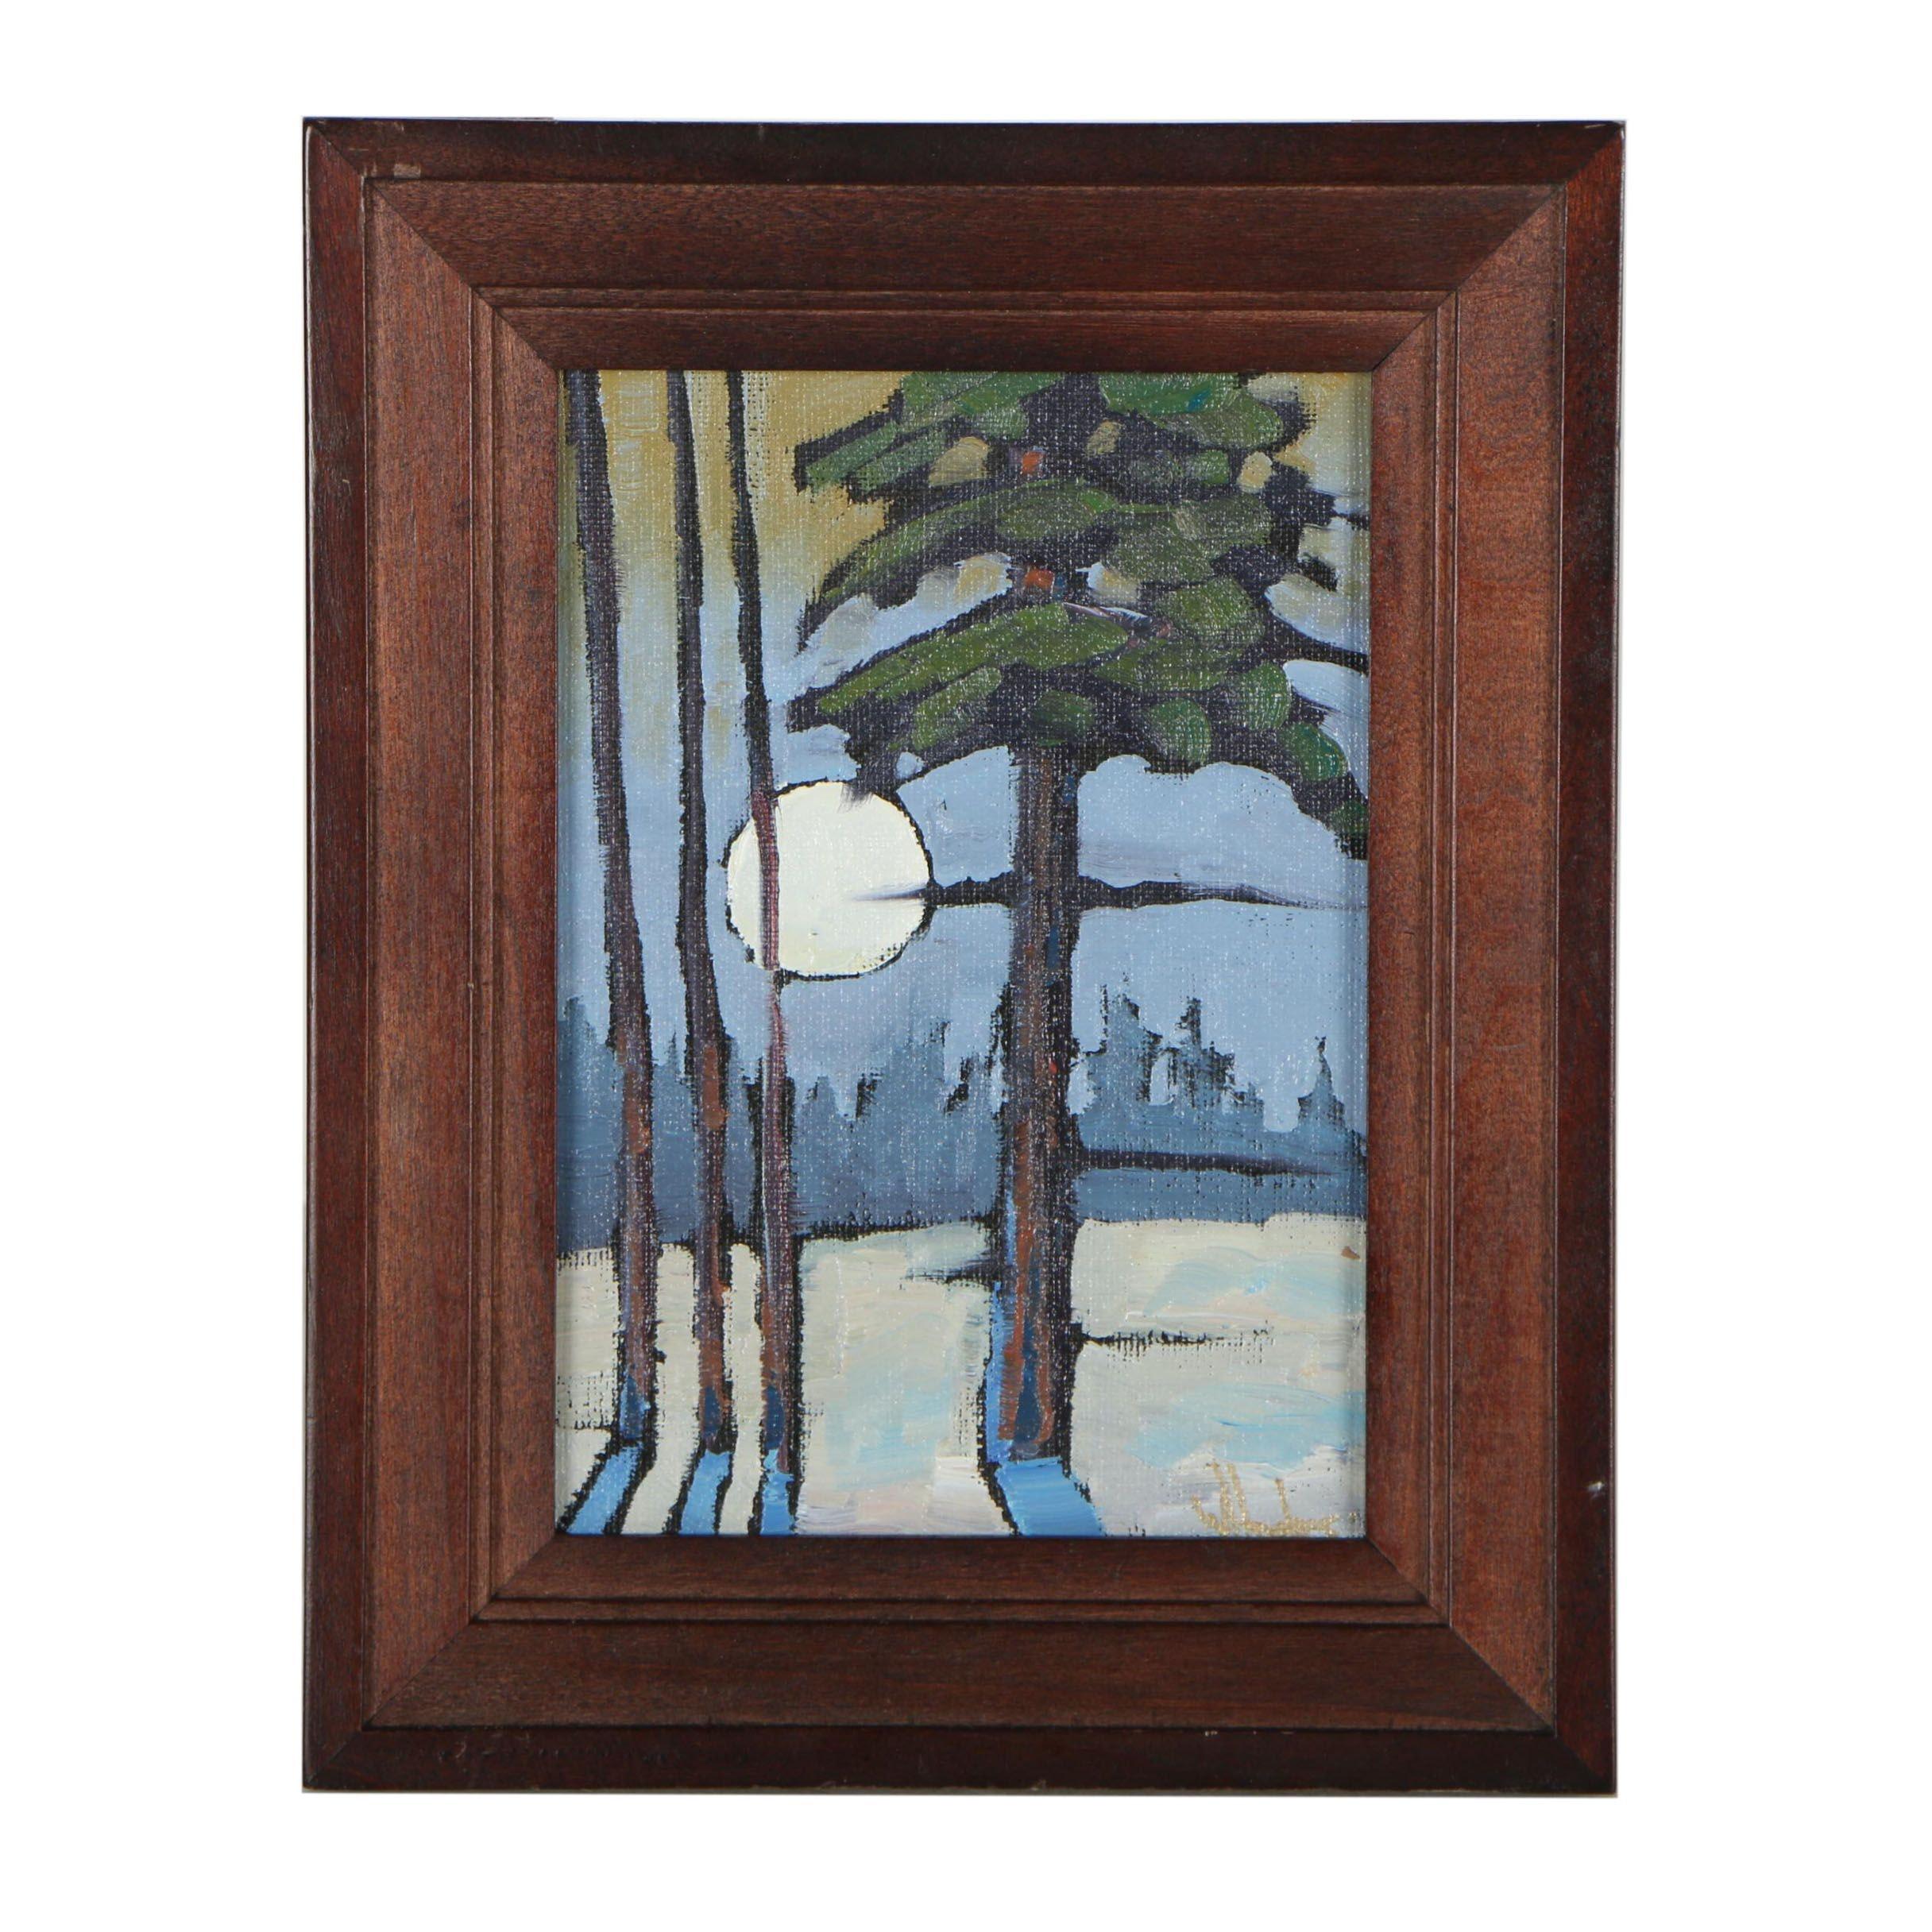 Williams Hawkins Oil Painting